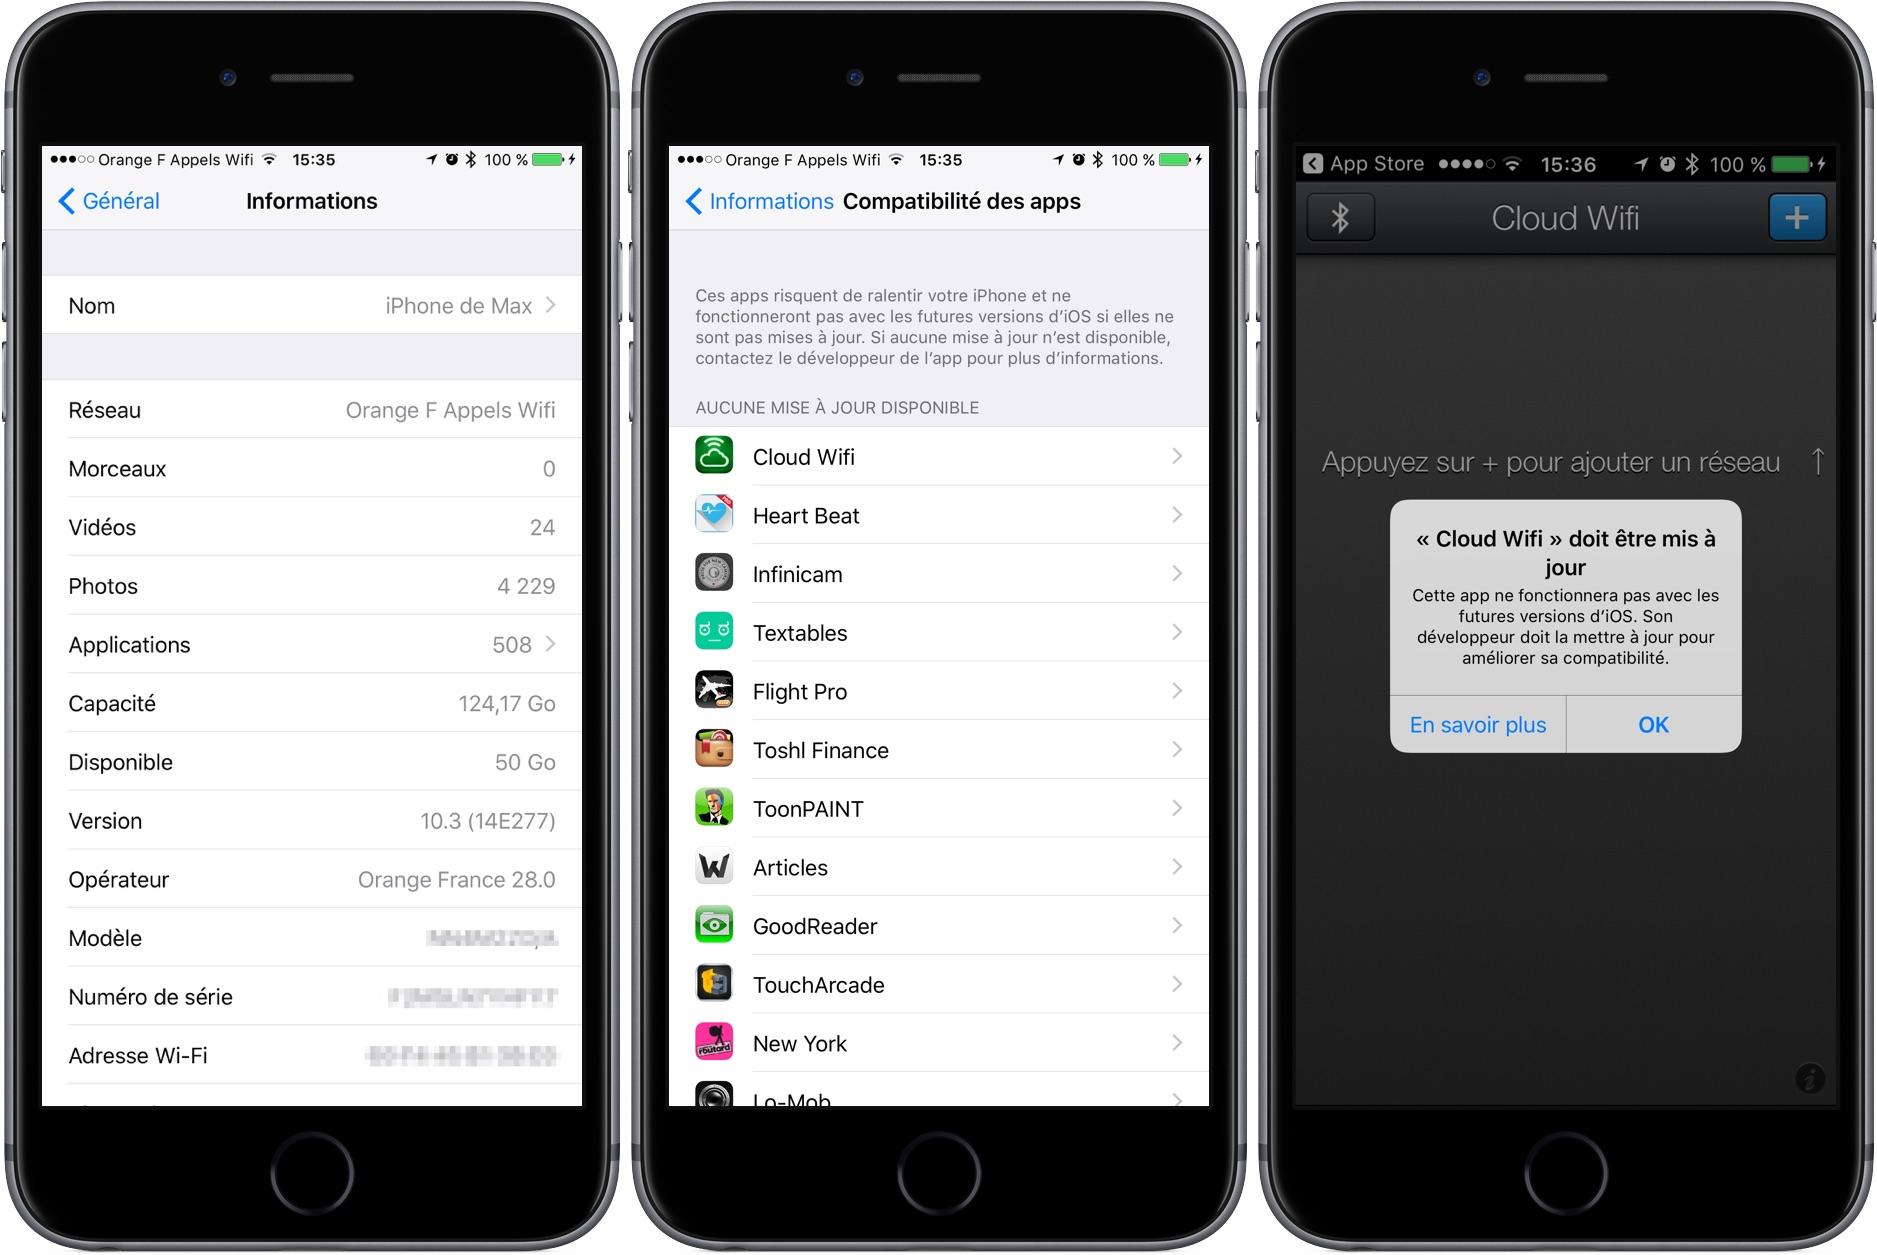 Comment et o trouver les applications bient t obsol tes install es sur iphone ipad gr ce - Ou trouver de la vergeoise ...